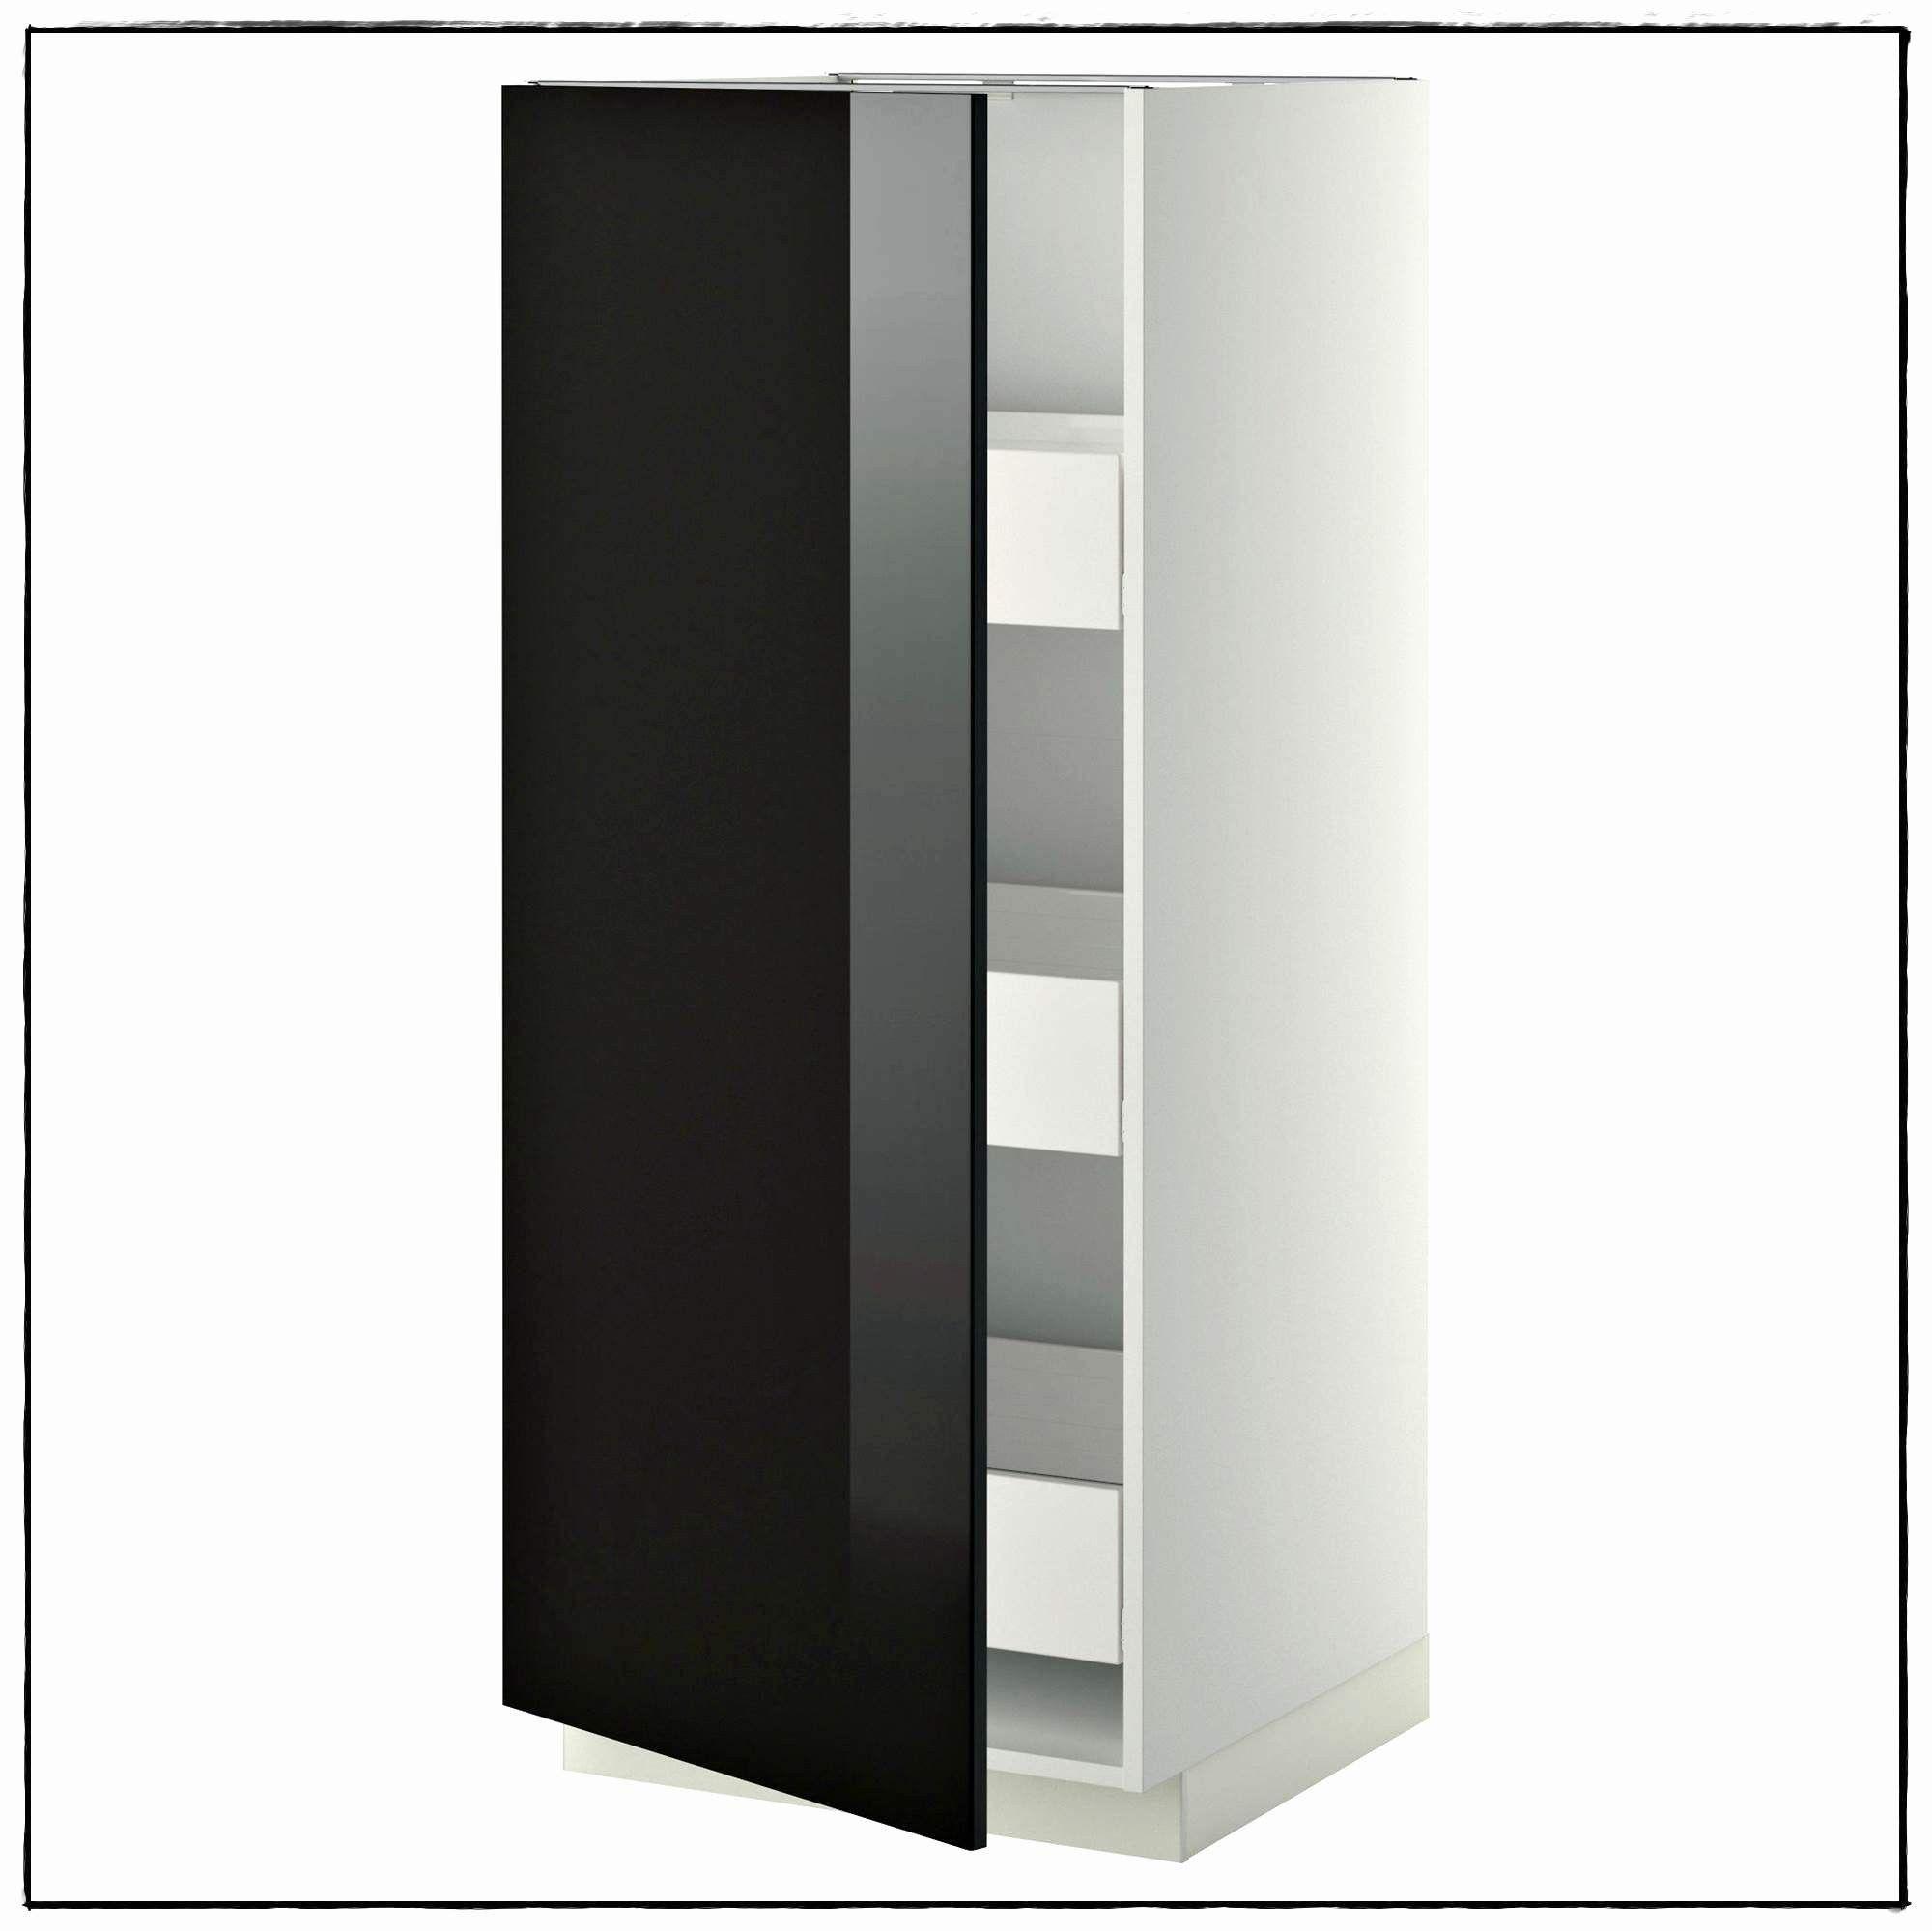 Pin By Prtha Lastnight On Kitchen Design Locker Storage Armoire